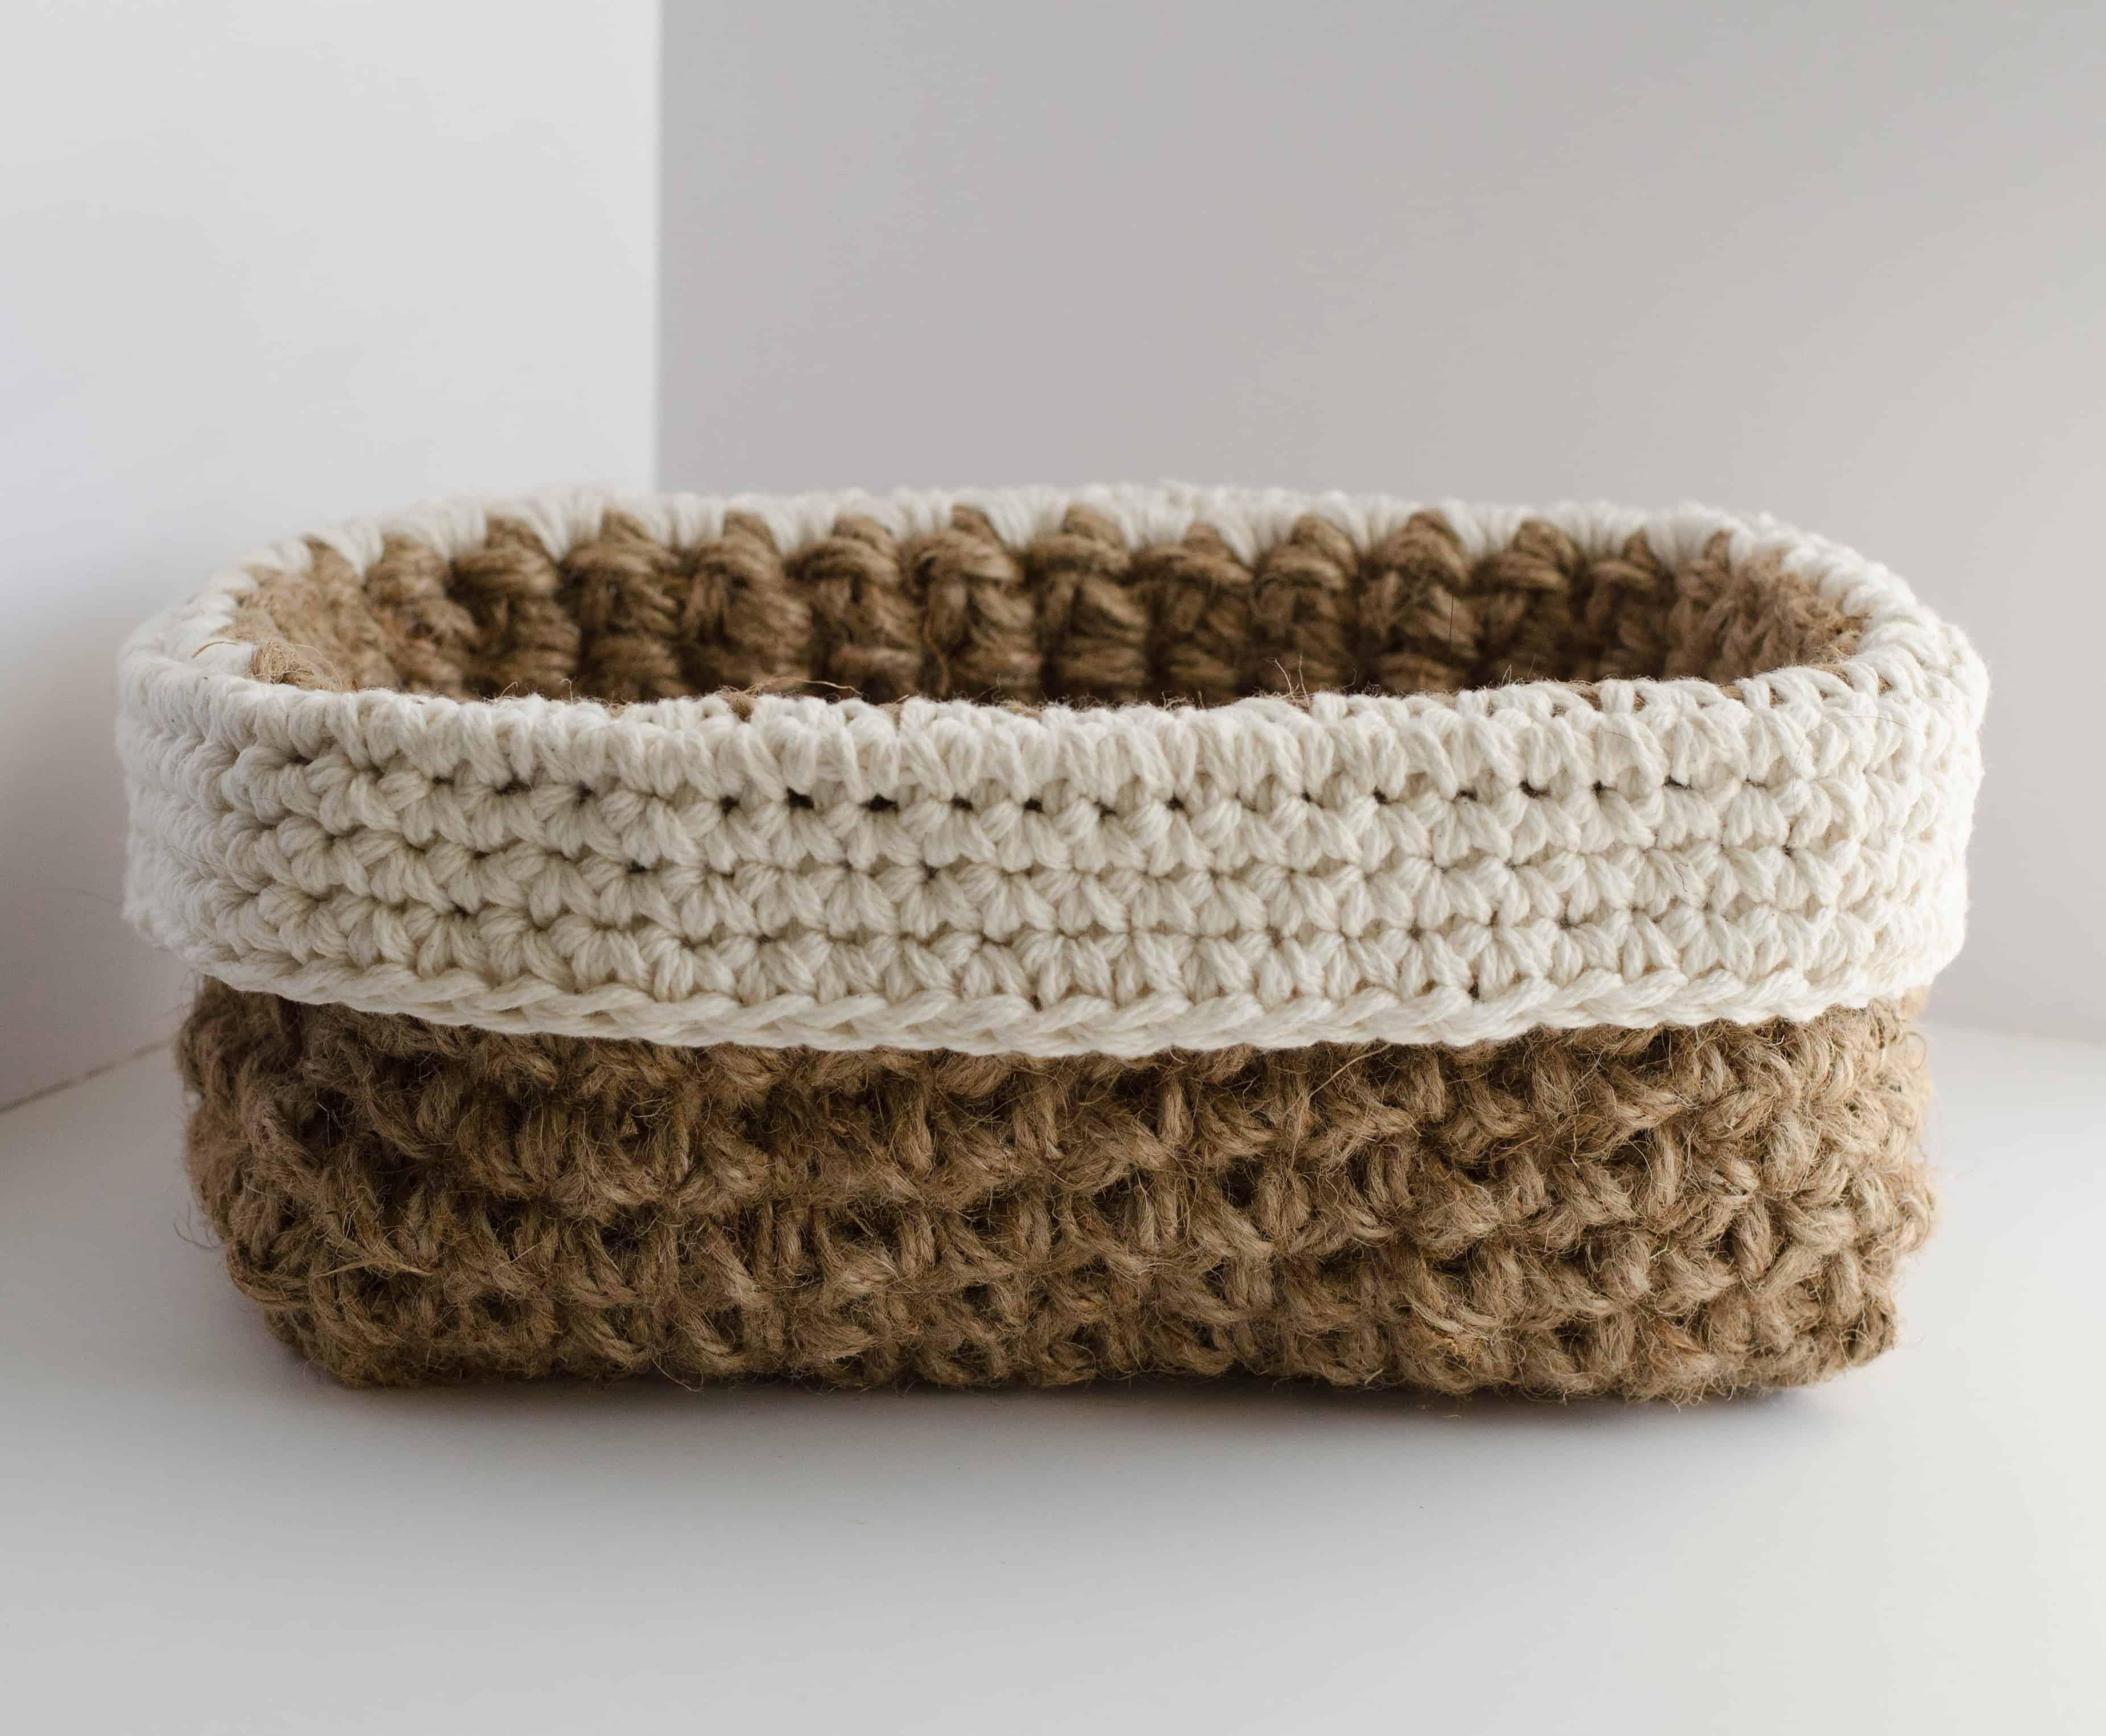 Crochet Jute Basket Pattern Crochet 365 Knit Too